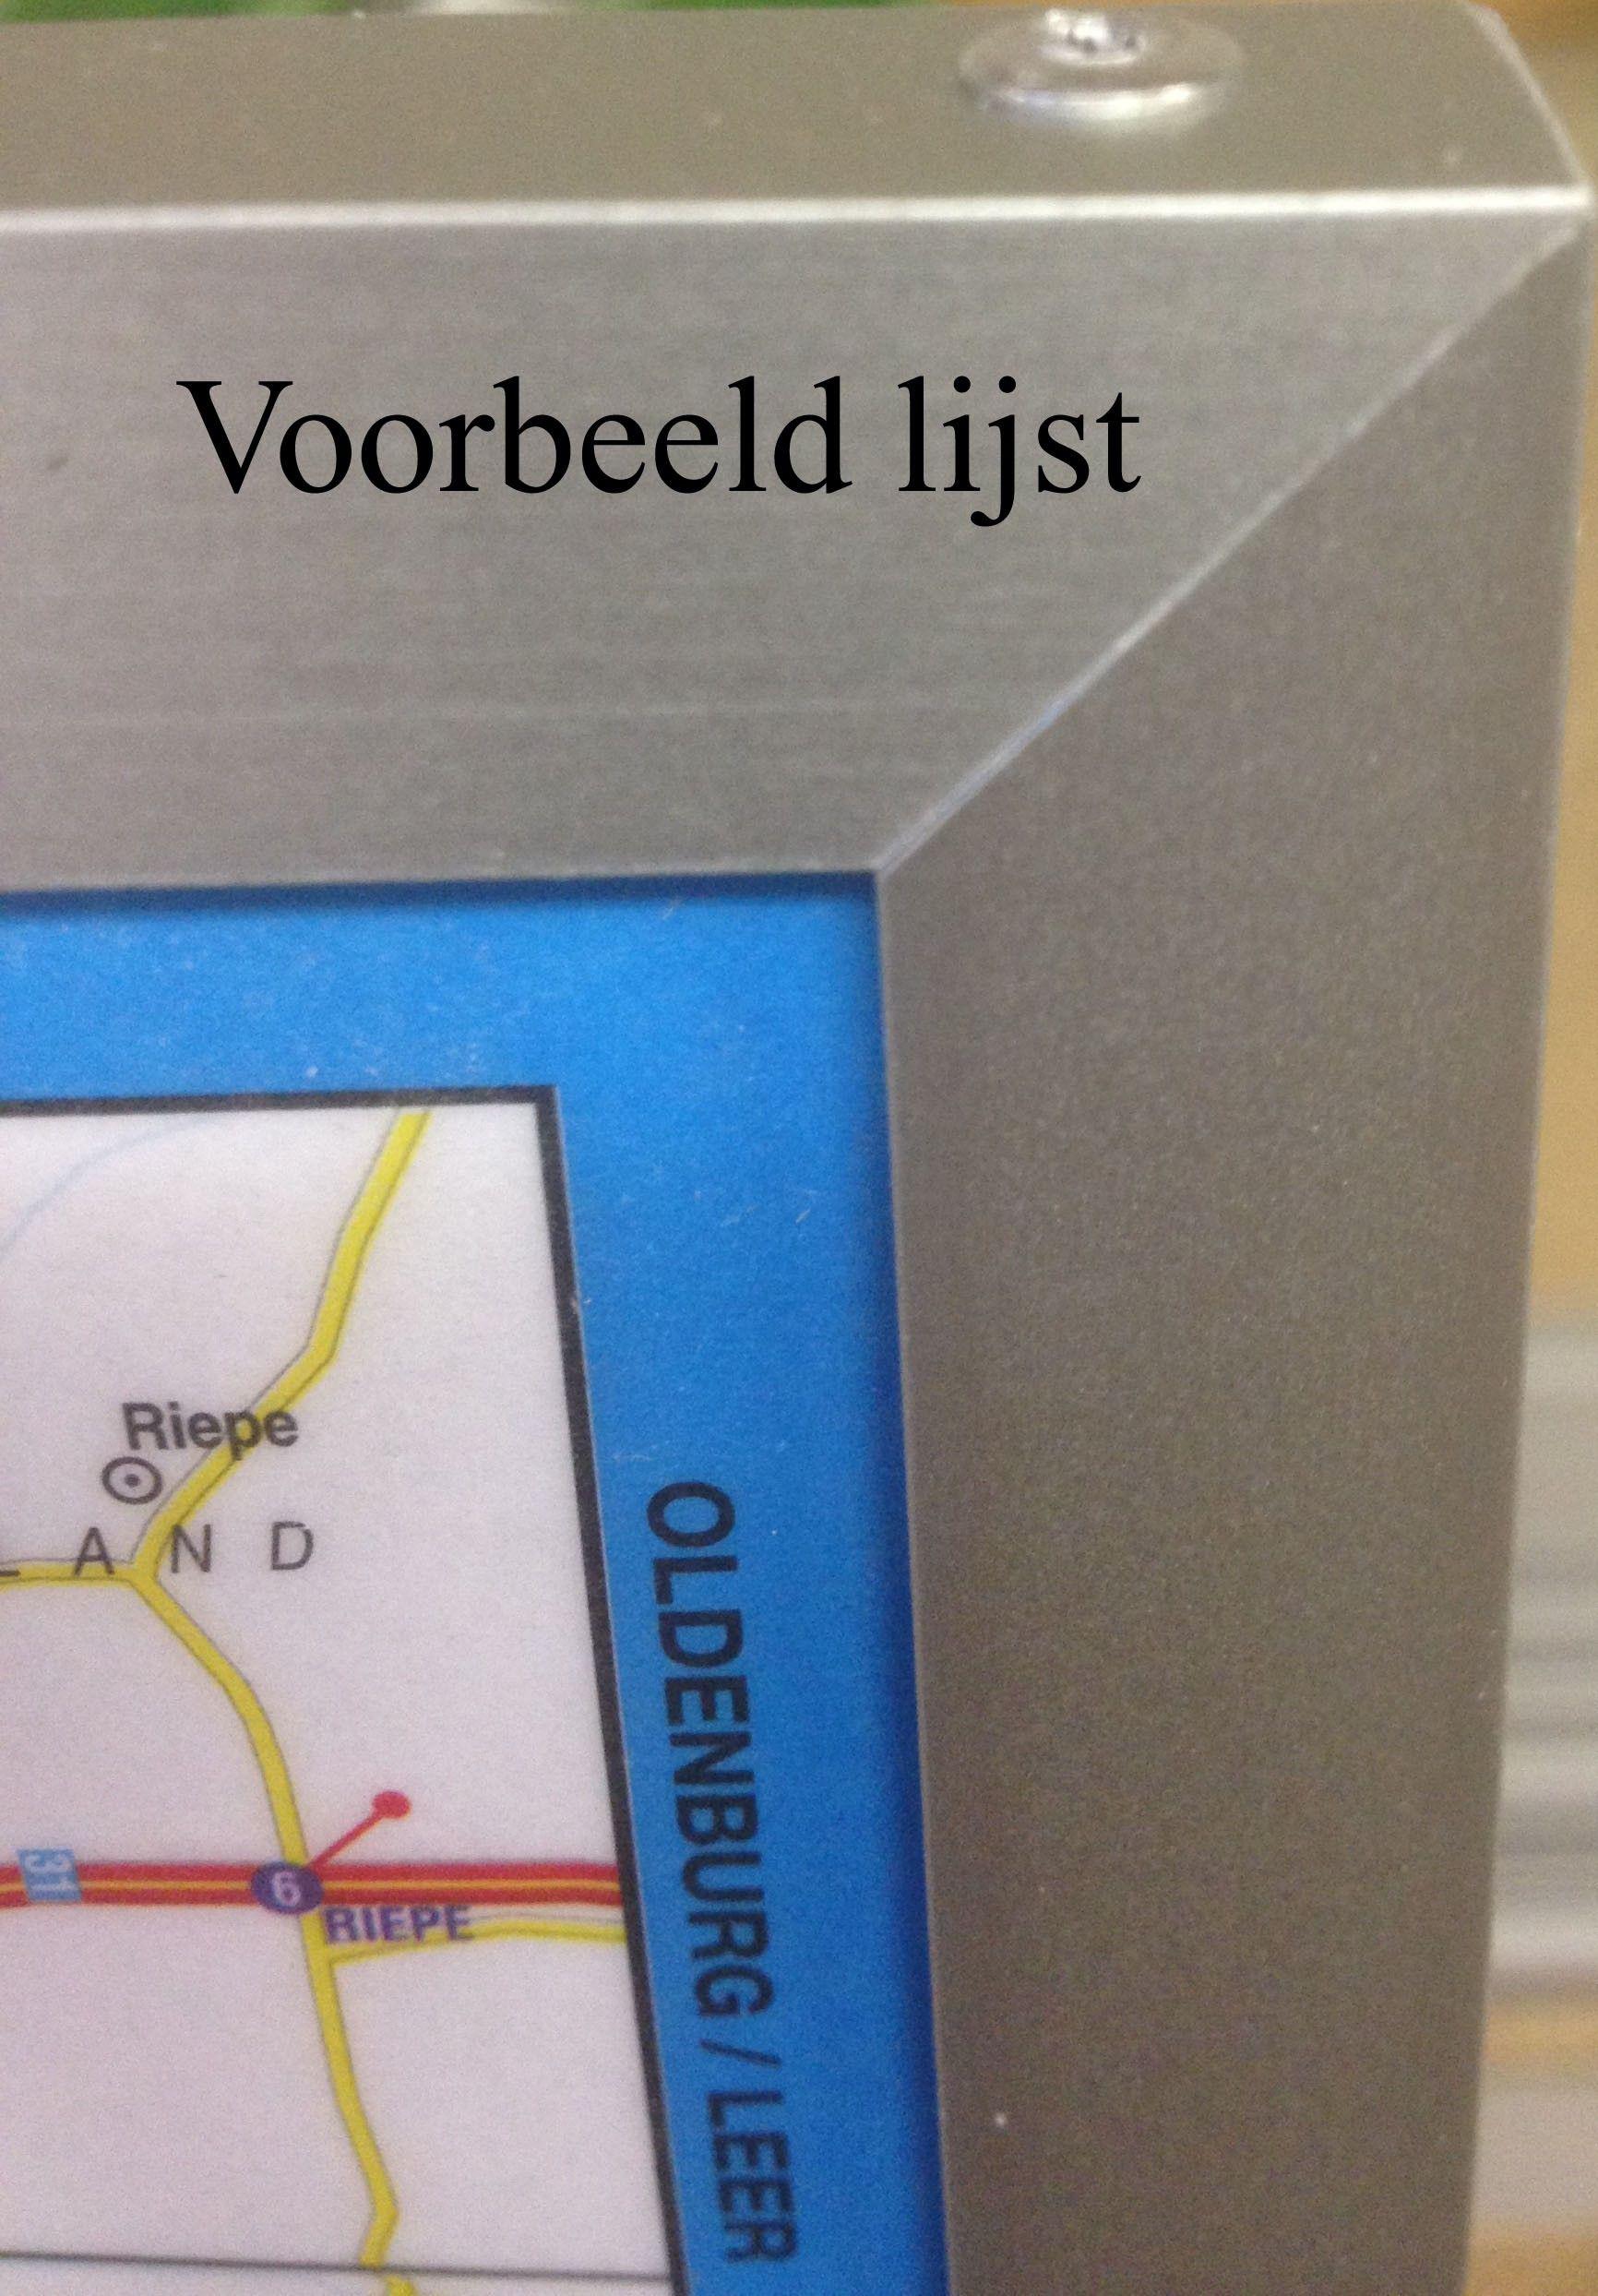 Provincie kaart Drenthe